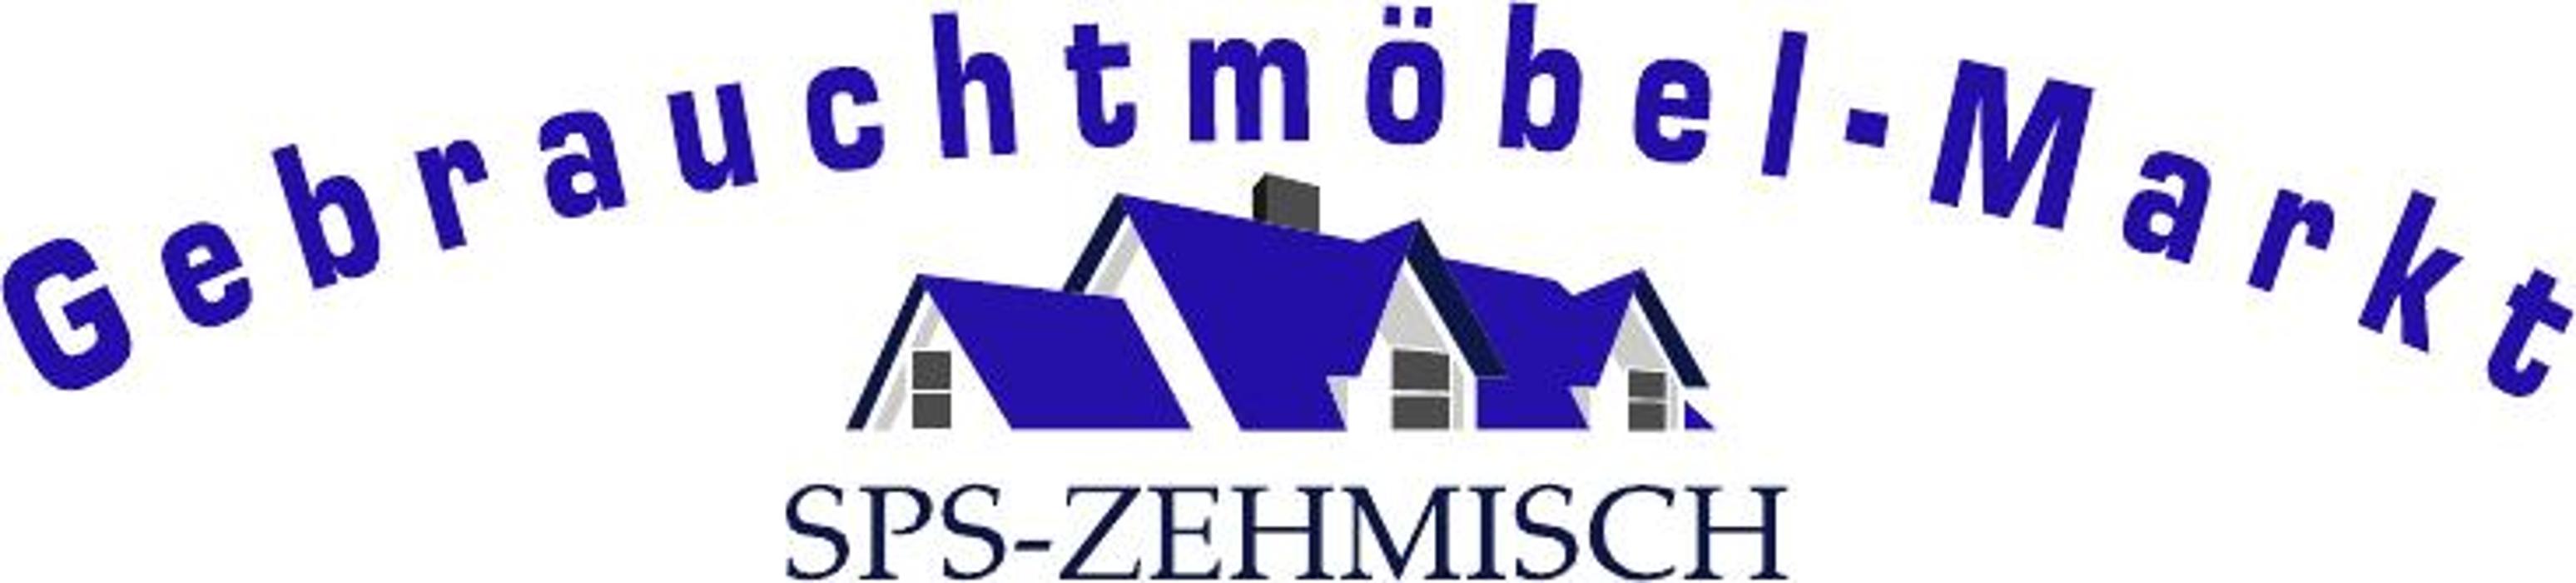 Logo von SPS-ZEHMISCH Gebrauchtmöbel-Markt